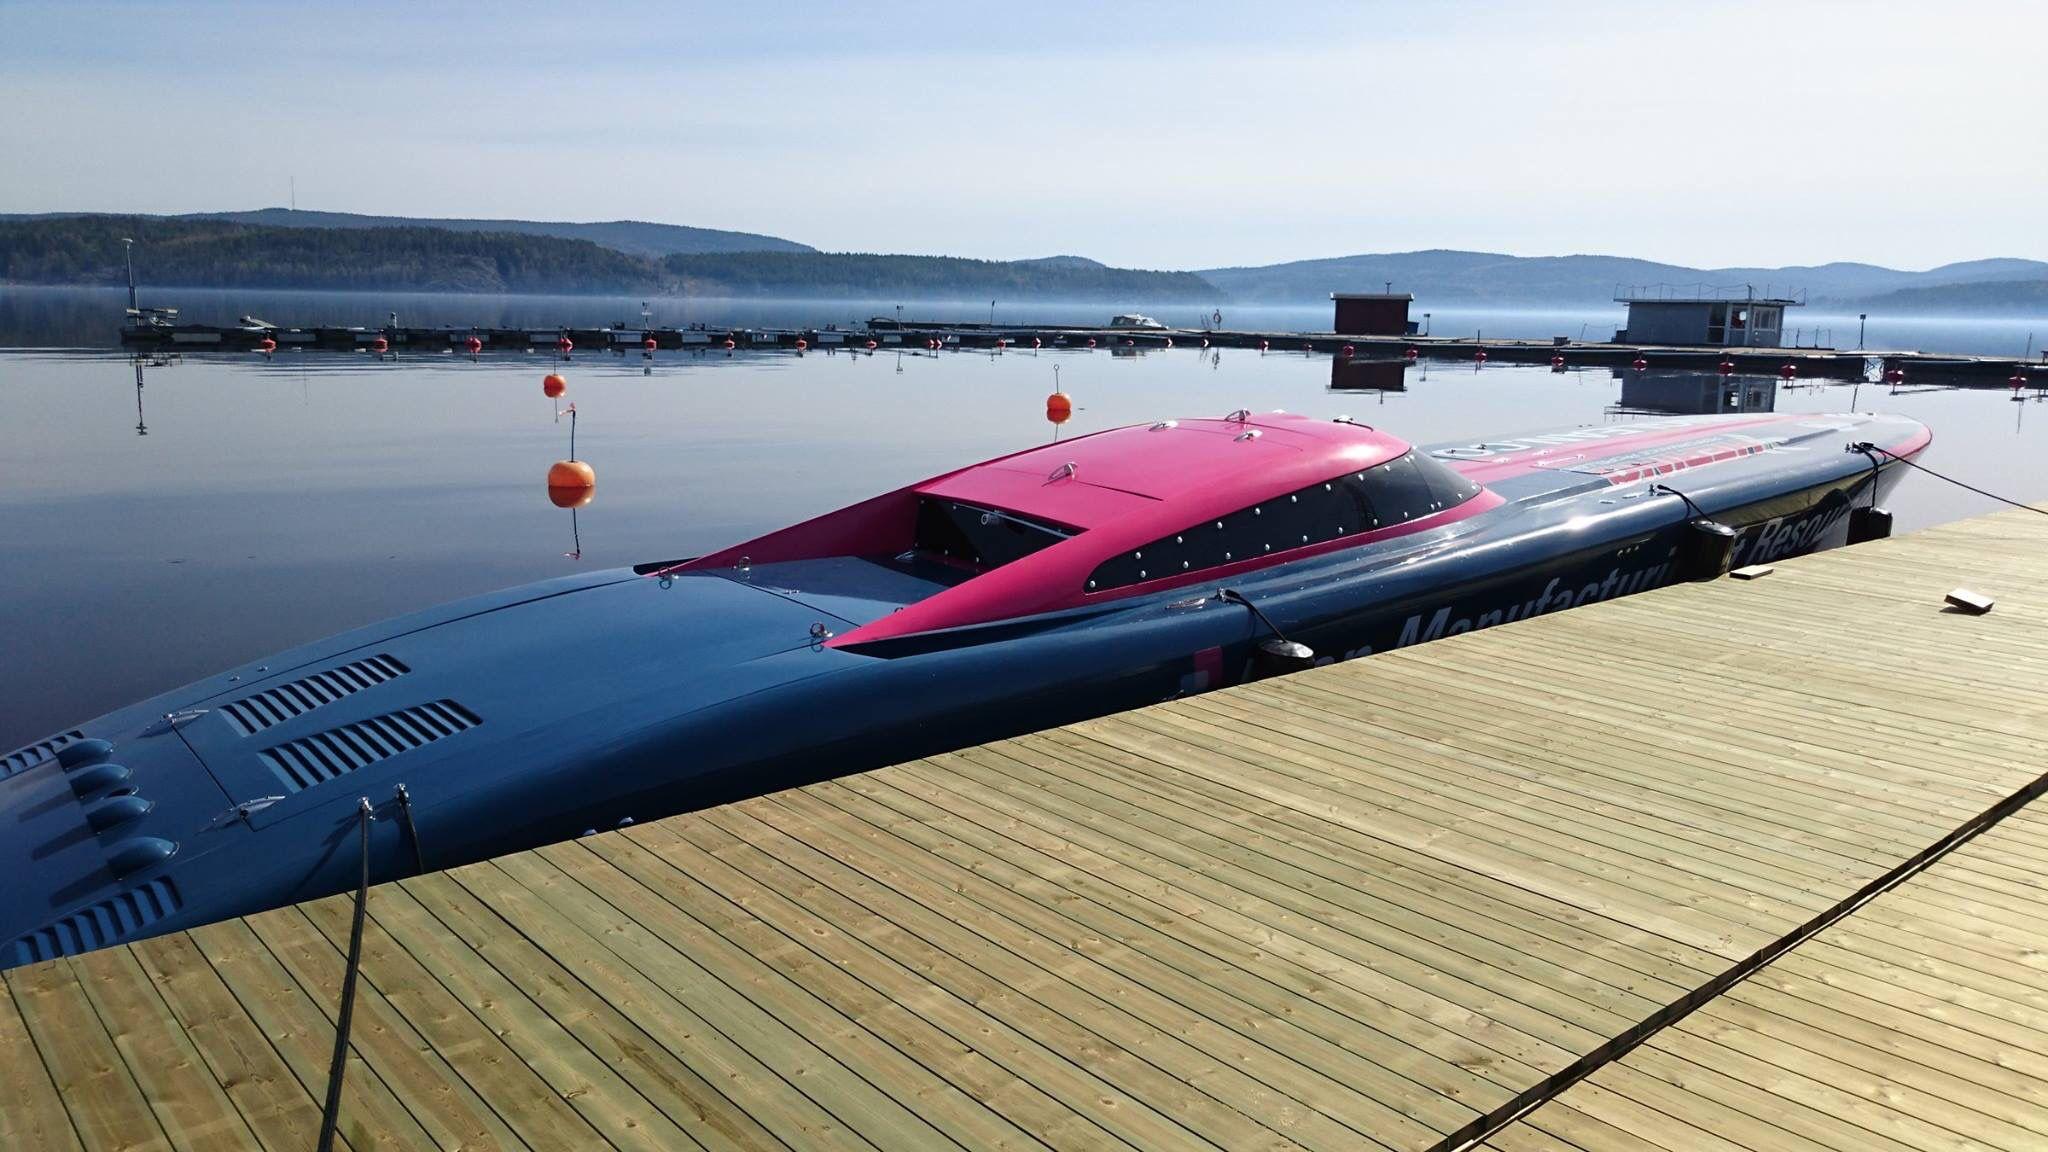 Impressive powerboat